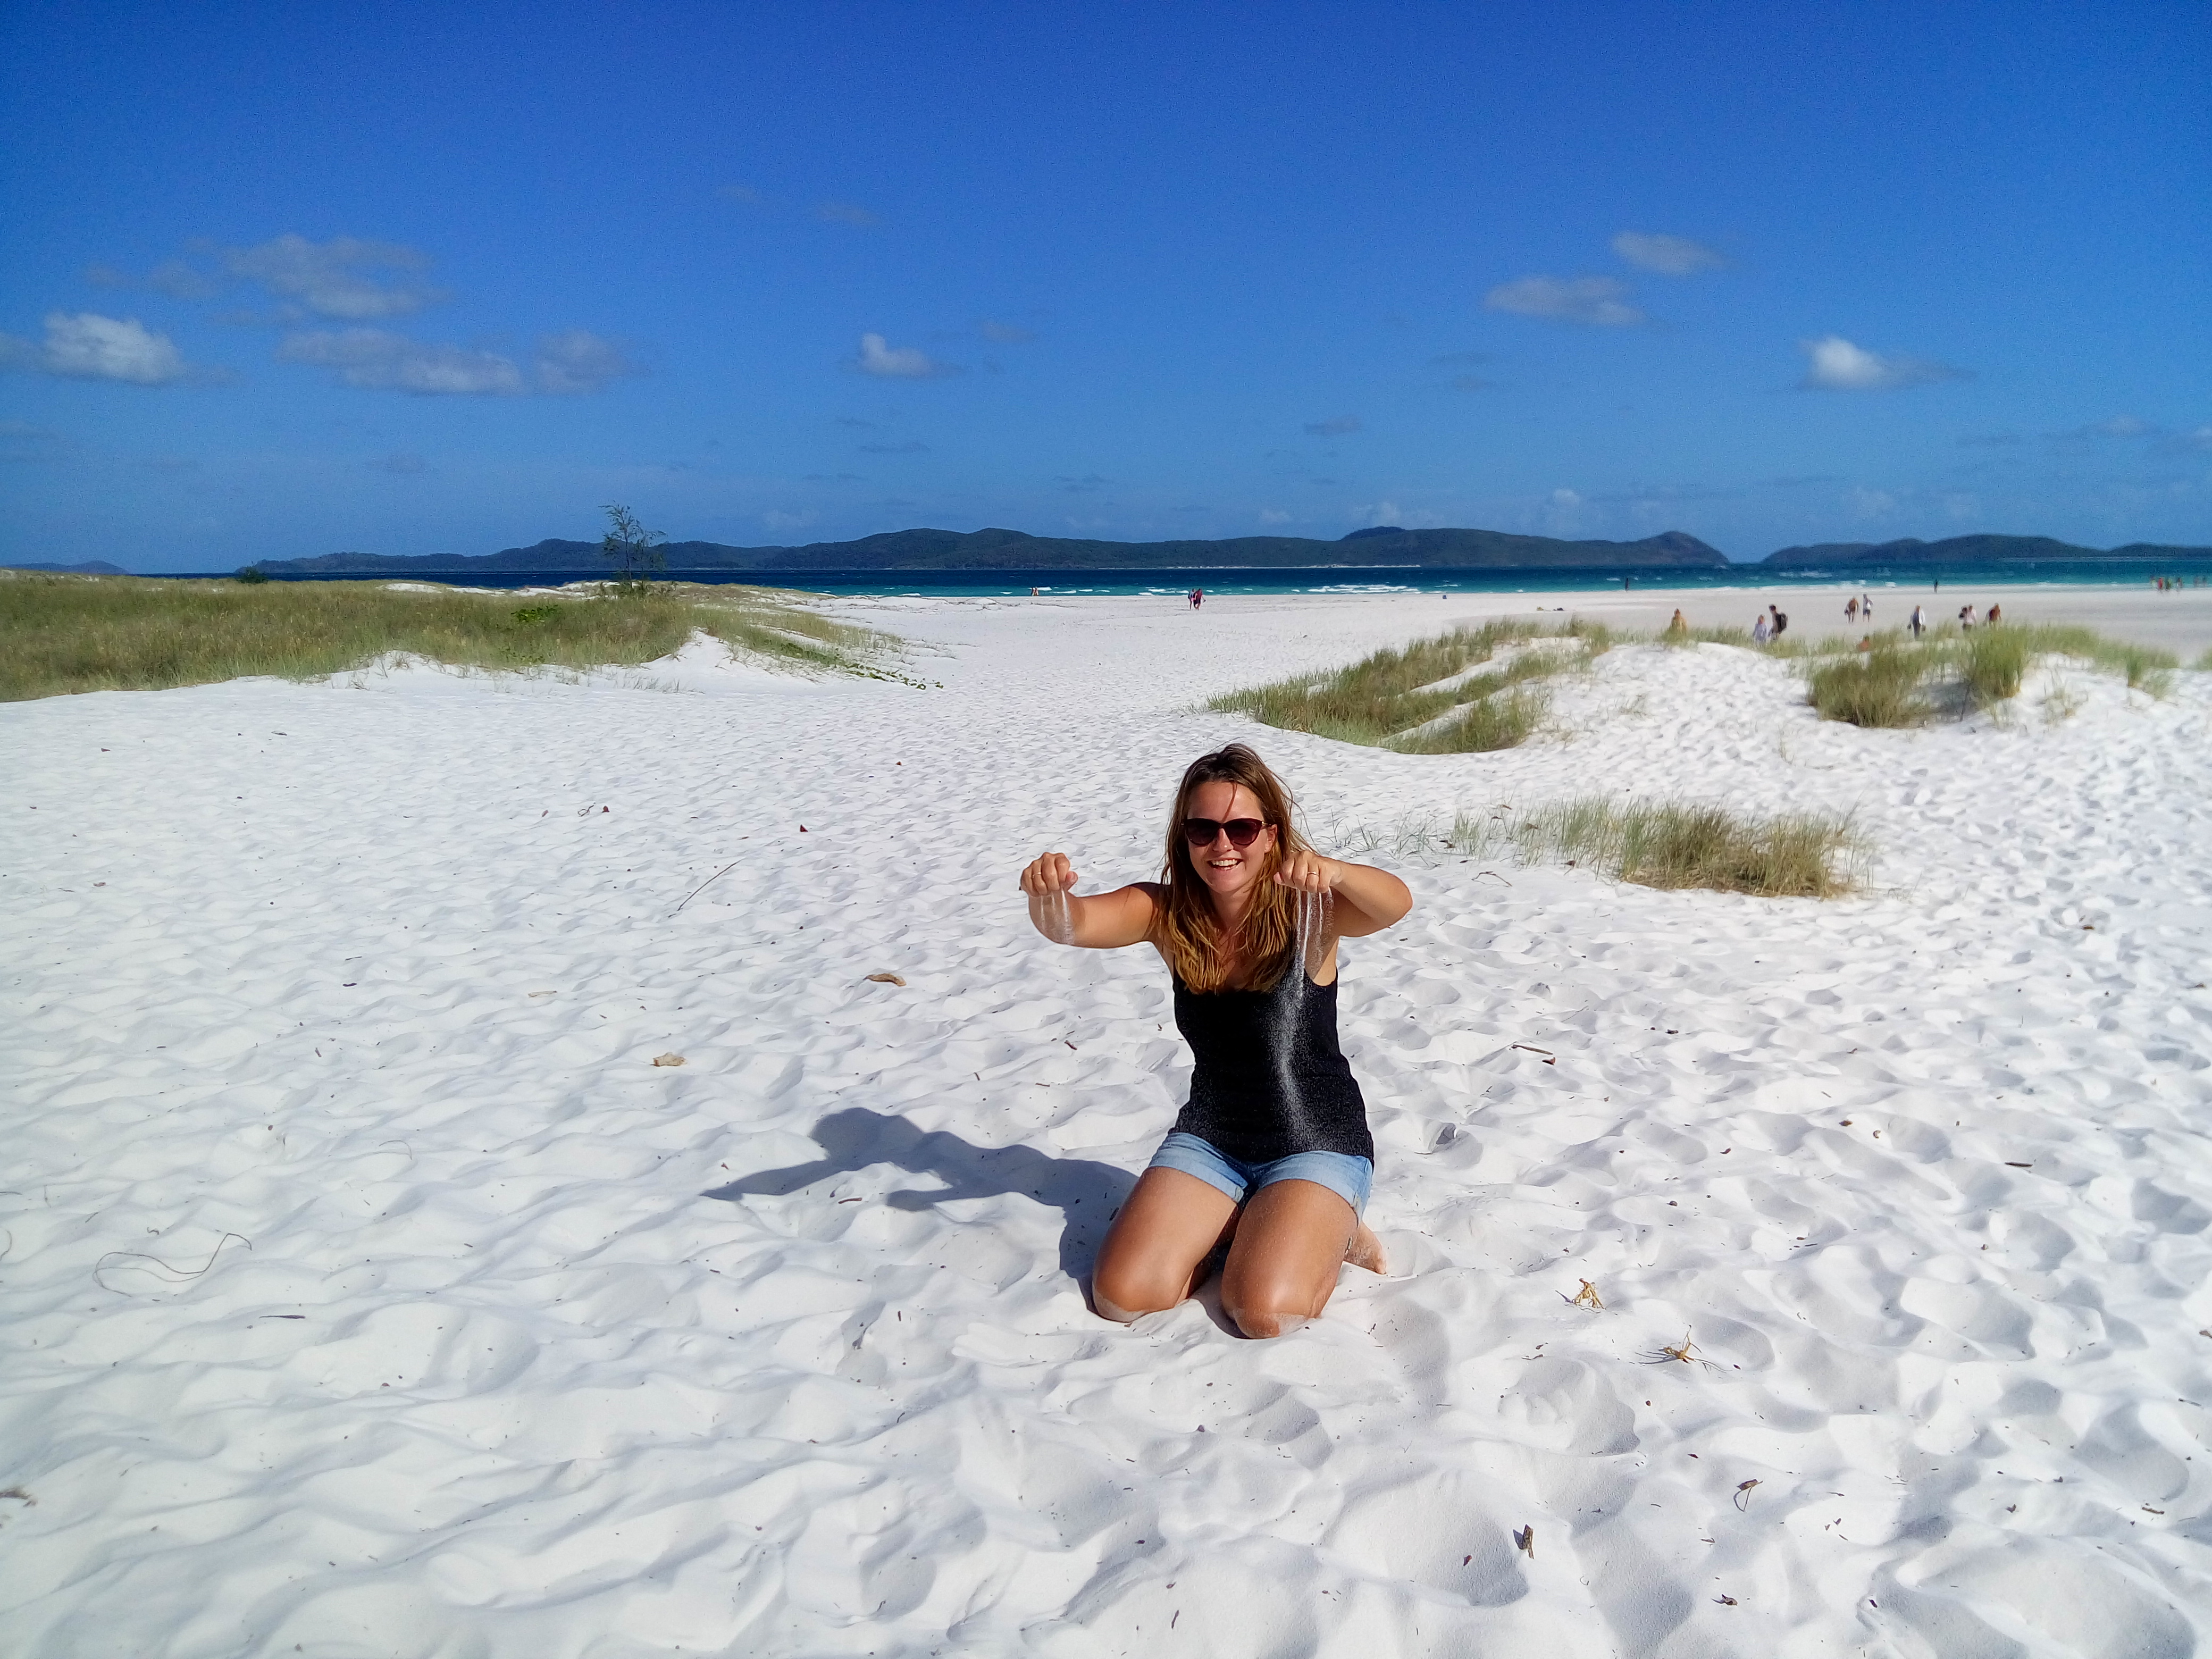 Reisereporterin auf dem Whiteheaven Beach in Australien